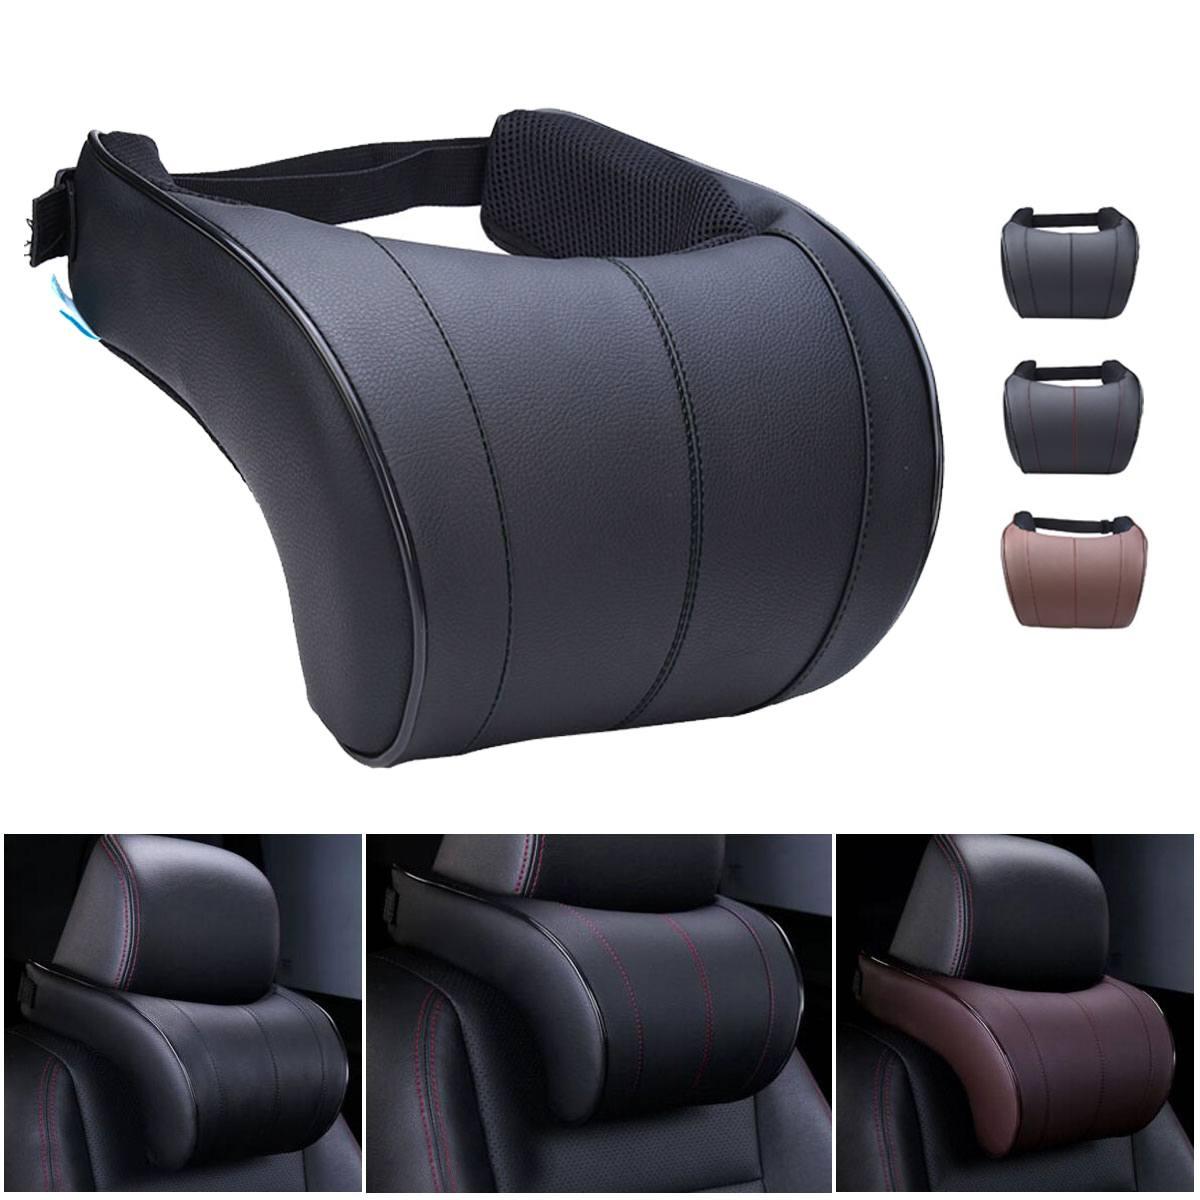 Oreiller automatique en cuir d'unité centrale de mousse de mémoire d'oreiller de cou de siège de repos de cou pour des accessoires automatiques de Gadget de voiture